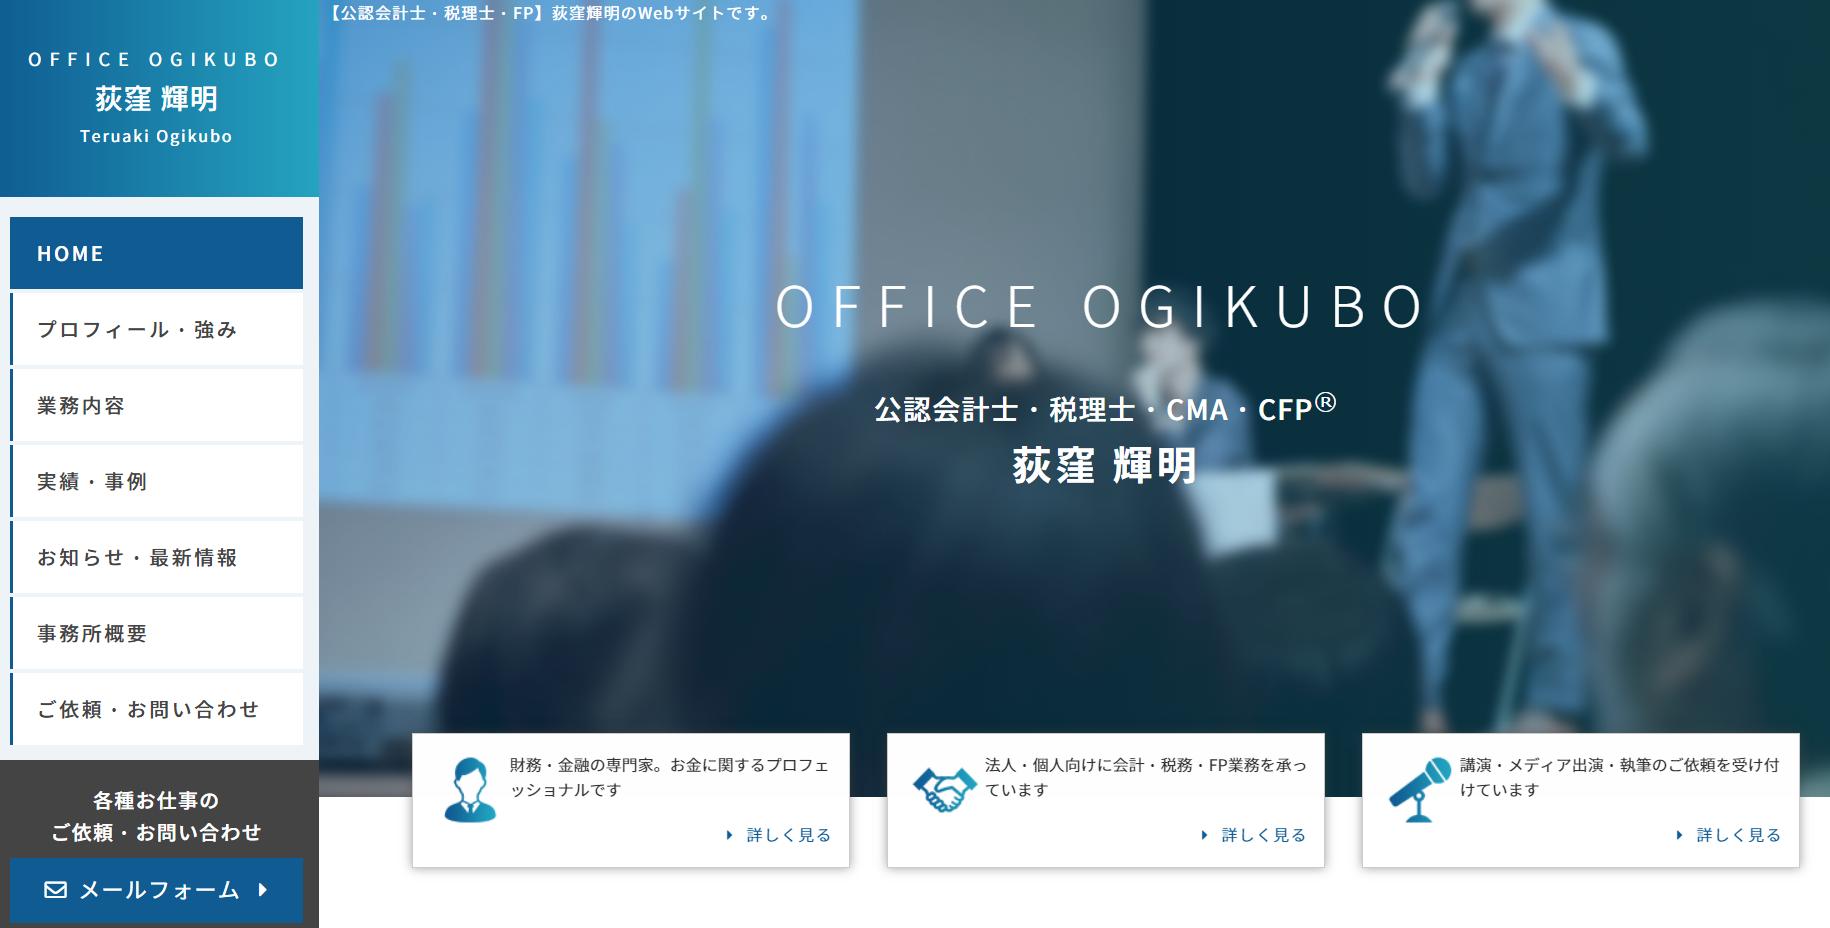 「荻窪公認会計士事務所」のPCサイズスクリーンショット